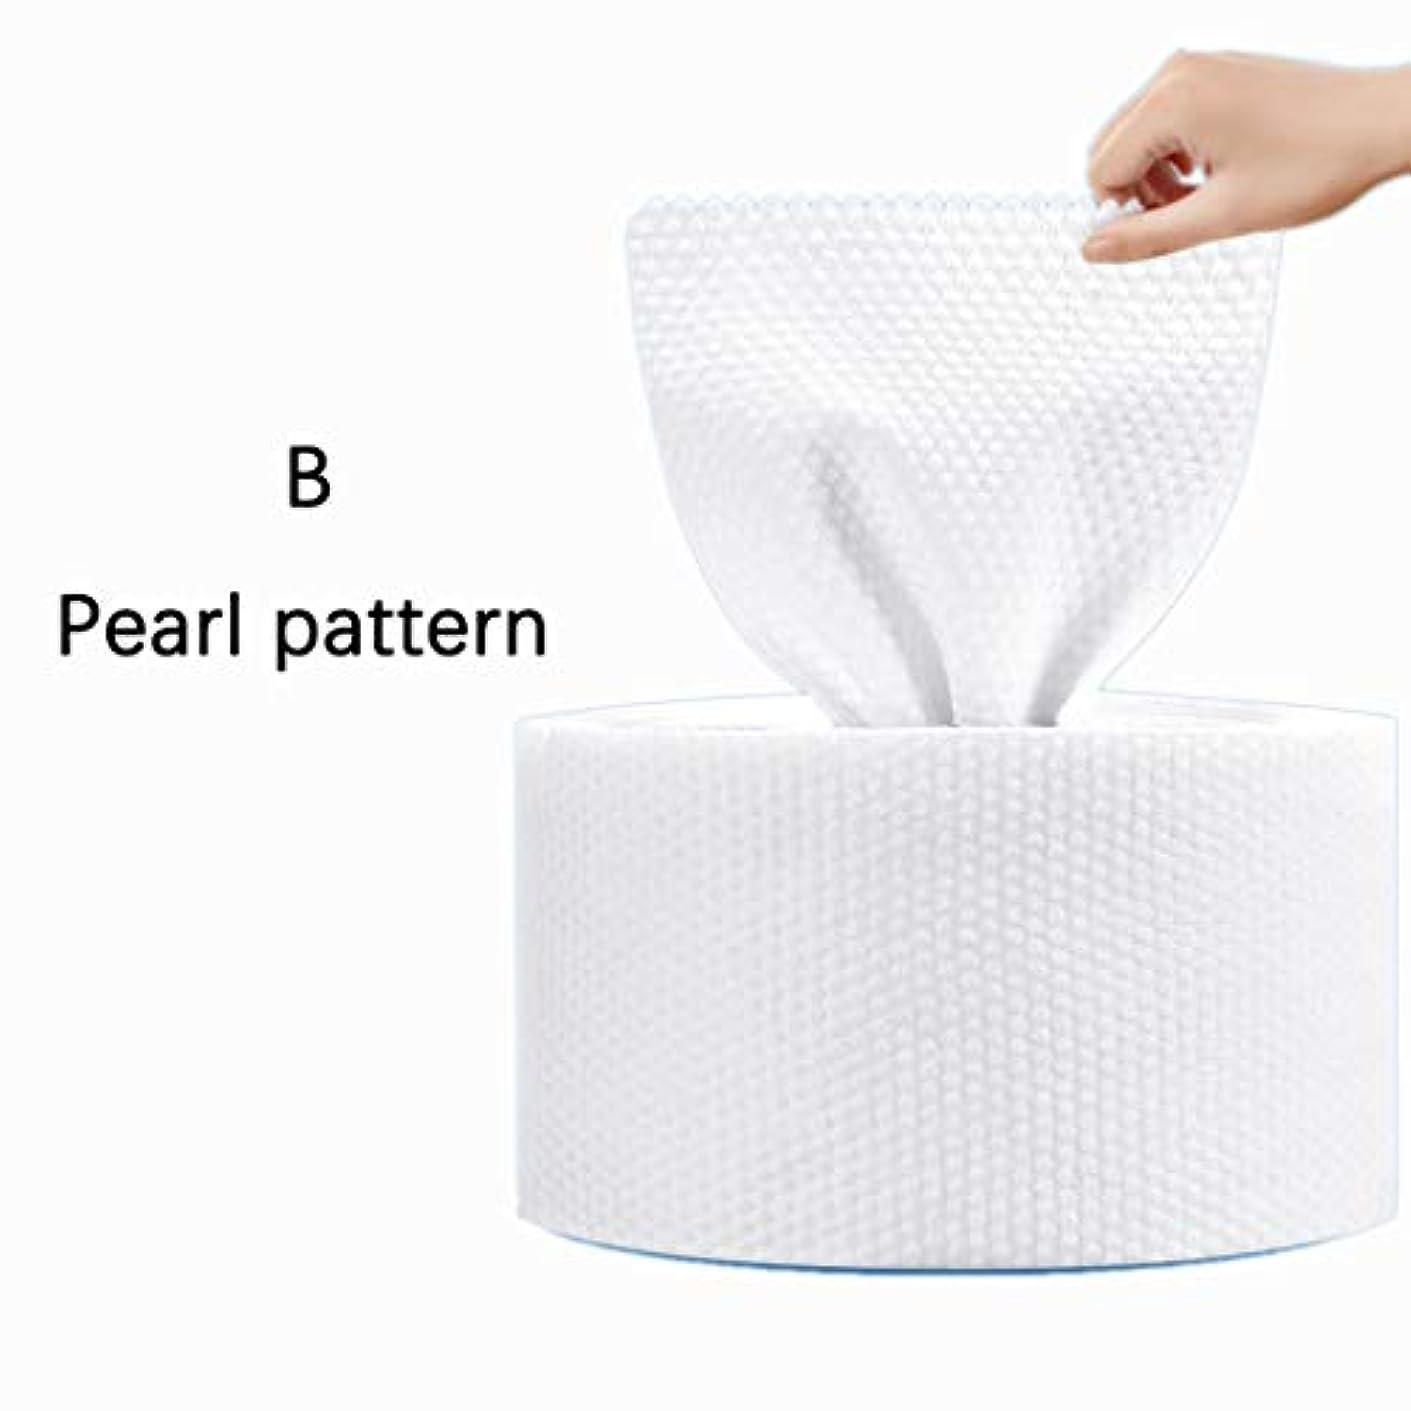 適合する端オークション女性のコットンパッド、ベッドルームバスルームメイクアップリムーバーフェイスタオルメイクアップ、化粧品クレンジング使い捨て洗濯コットン (Color : B)